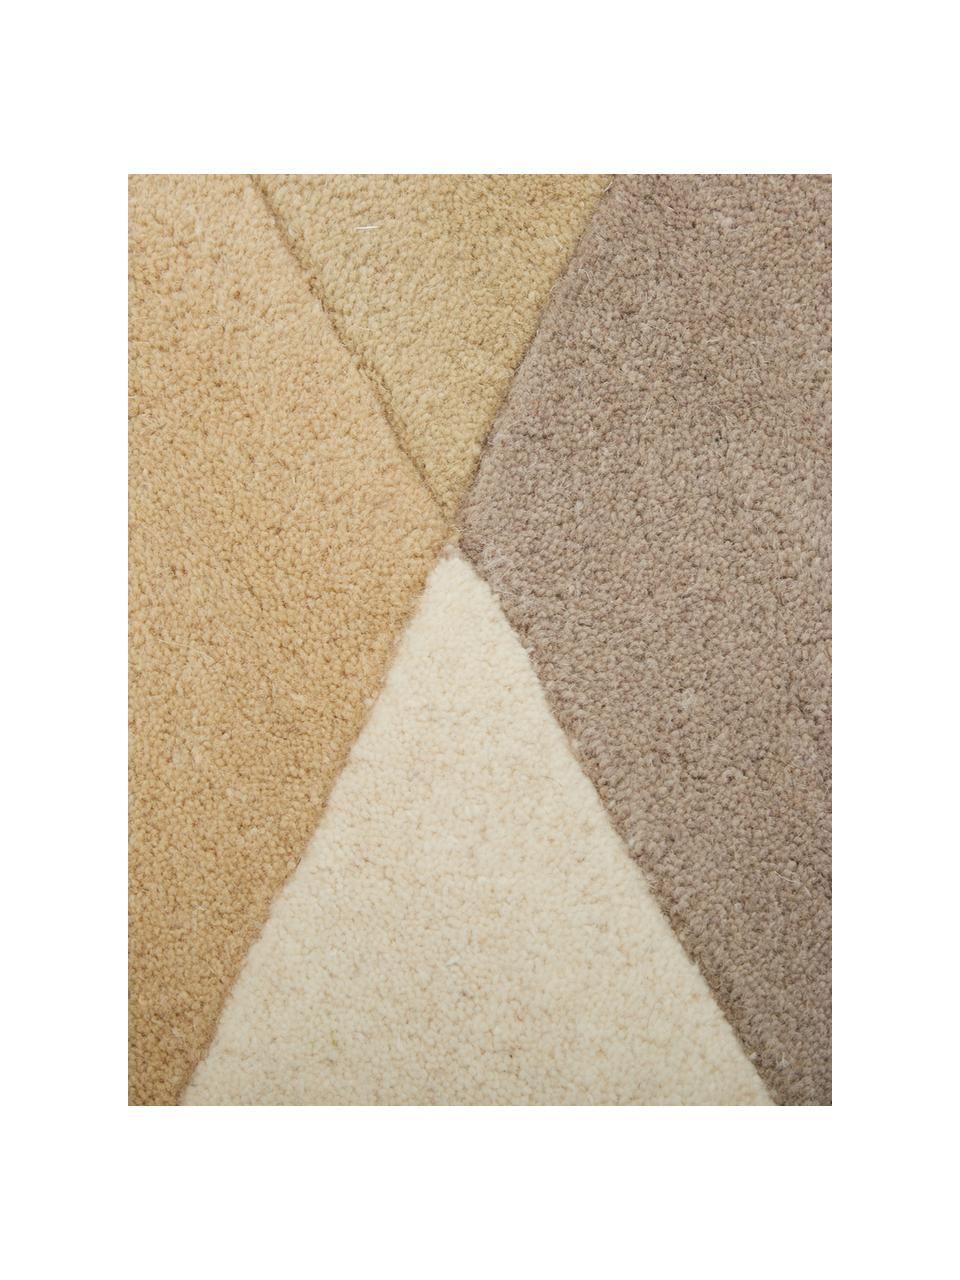 Handgetufteter Designteppich Freya aus Wolle, Flor: 95% Wolle, 5% Viskose, Senfgelb, Beige, Grau, Braun, B 200 x L 300 cm (Größe L)